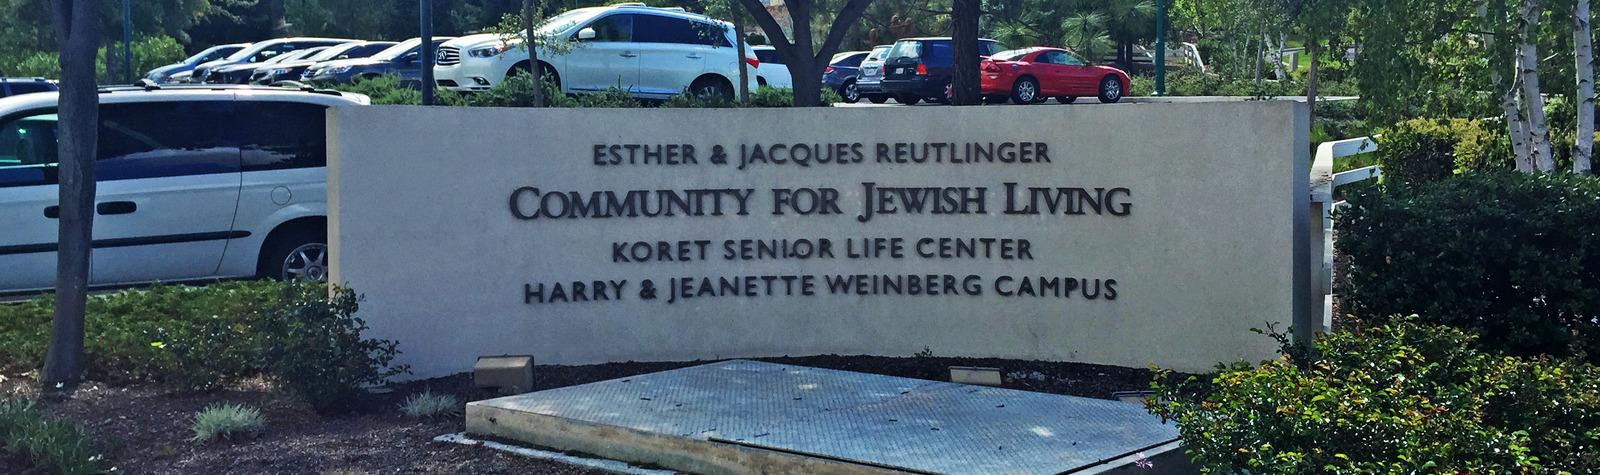 Reutlinger Community For Jewish Living 4